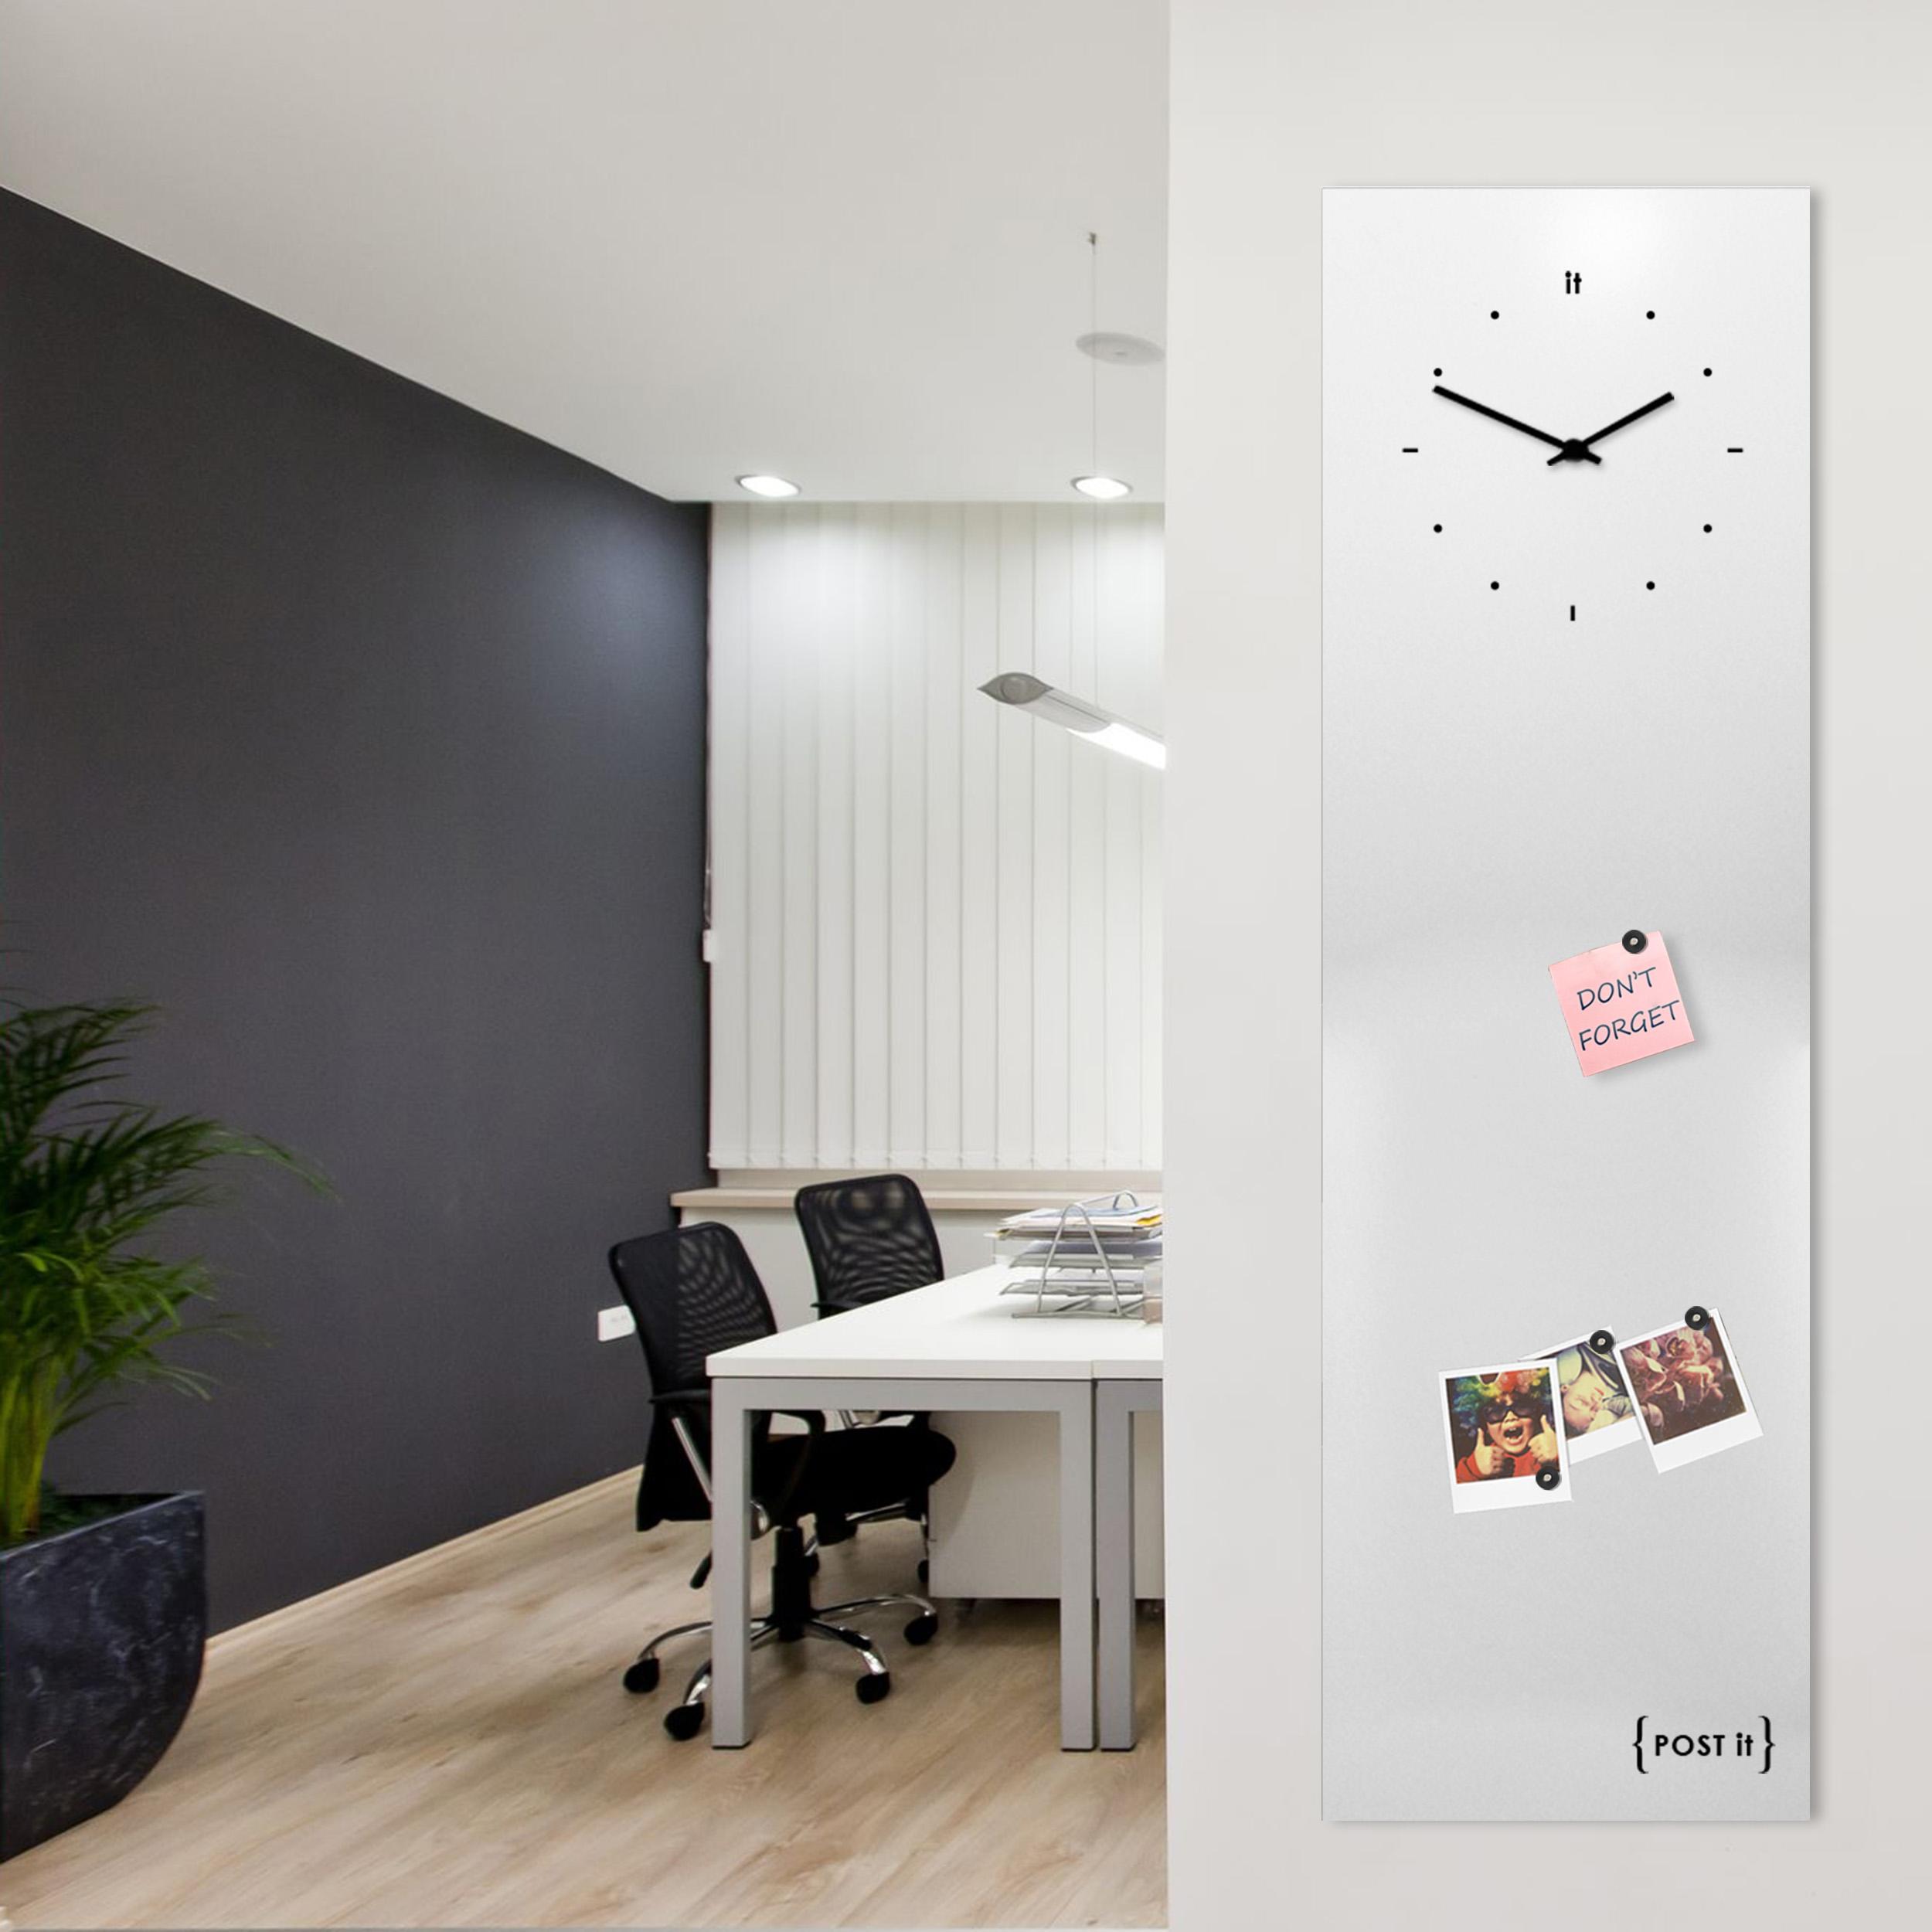 Orologio di Design Post It | dESIGNoBJECT